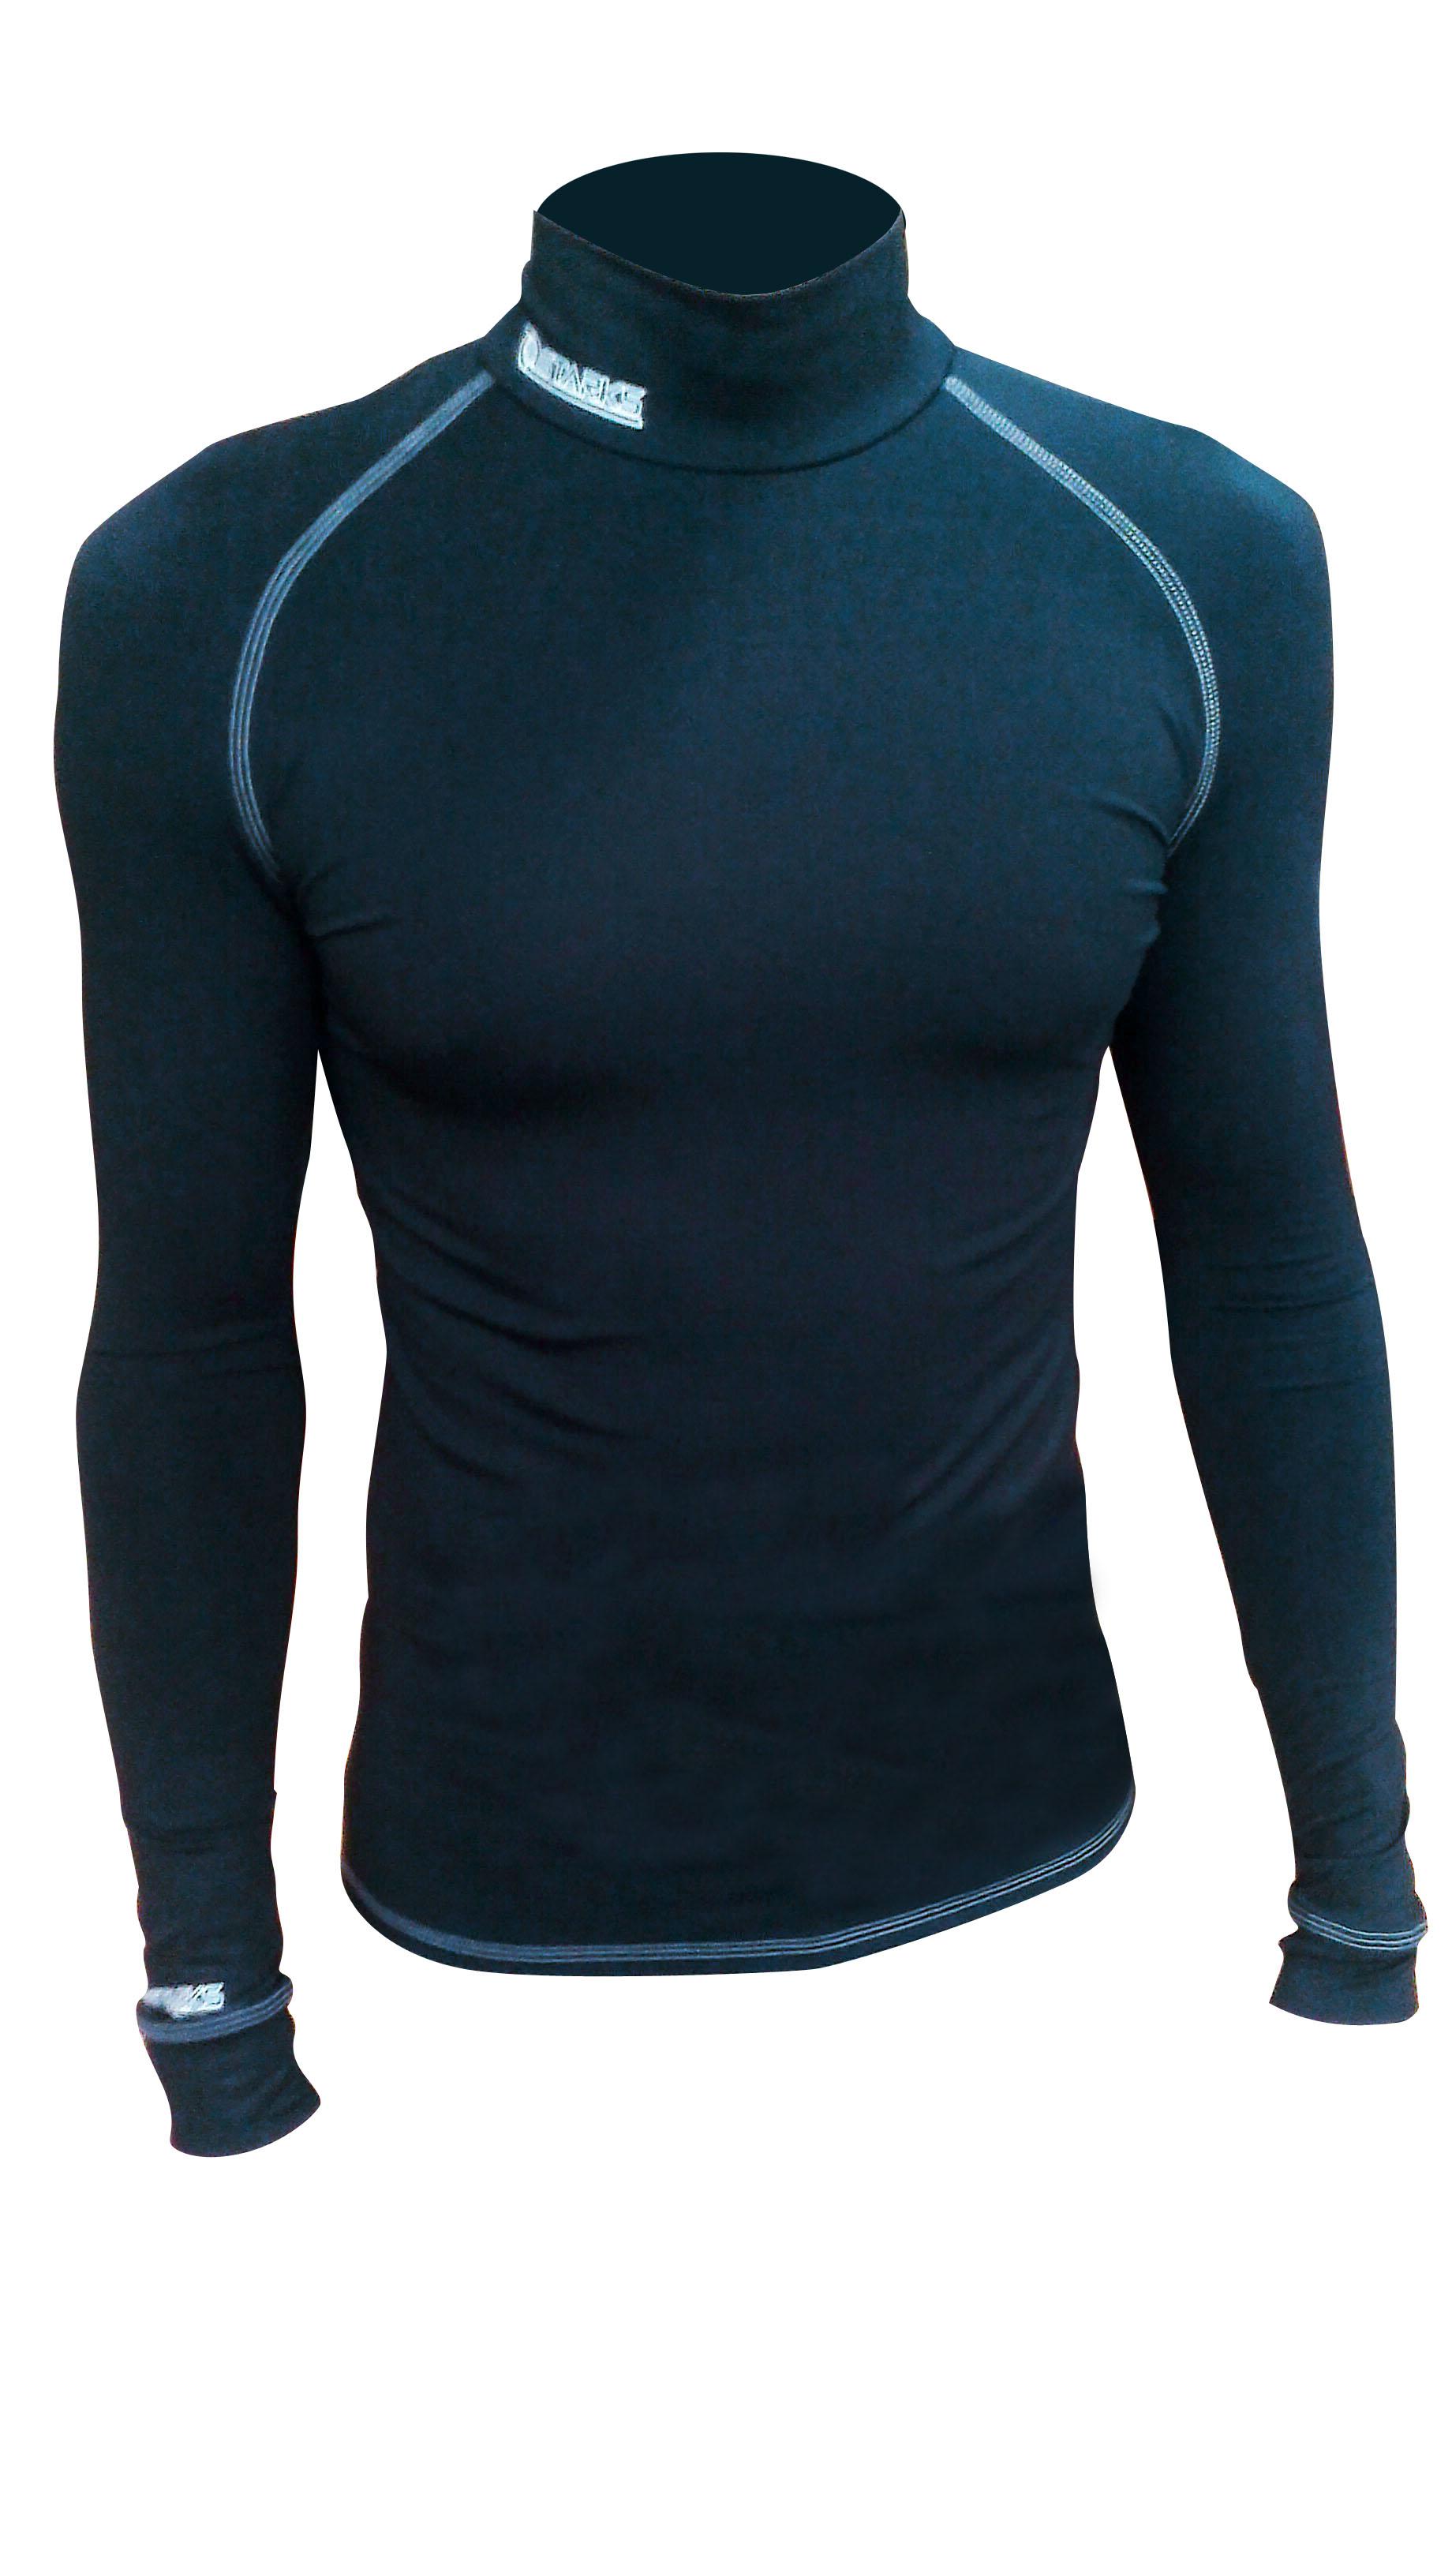 Термобелье кофта мужская Starks Warm, зимняя, цвет: черный. ЛЦ0018. Размер XXLone116Анатомическое термобелье Starks Warm, выполнено из европейской сертифицированной ткани PolarStretch. Высокие эластичные свойства материала позволяют белью максимально повторять индивидуальную анатомию тела, эффект второй кожи. Термокофта имеет отличные влагоотводящие свойства, что позволяет телу оставаться сухим. Высокие термоизоляционные свойства, позволяют исключить переохлаждение или перегрев. Воротник стойка обеспечивает защиту шеи от холода. Белье предназначено для активных физических нагрузок. Повседневное использование, в качестве демисезонного.Особенности:-Stop Bacteria.-Защита от перегрева или переохлаждения.-Эластичные, мягкие плоские швы.-Гипоаллергенно.Состав: 92% полиэстер, 8% эластан.